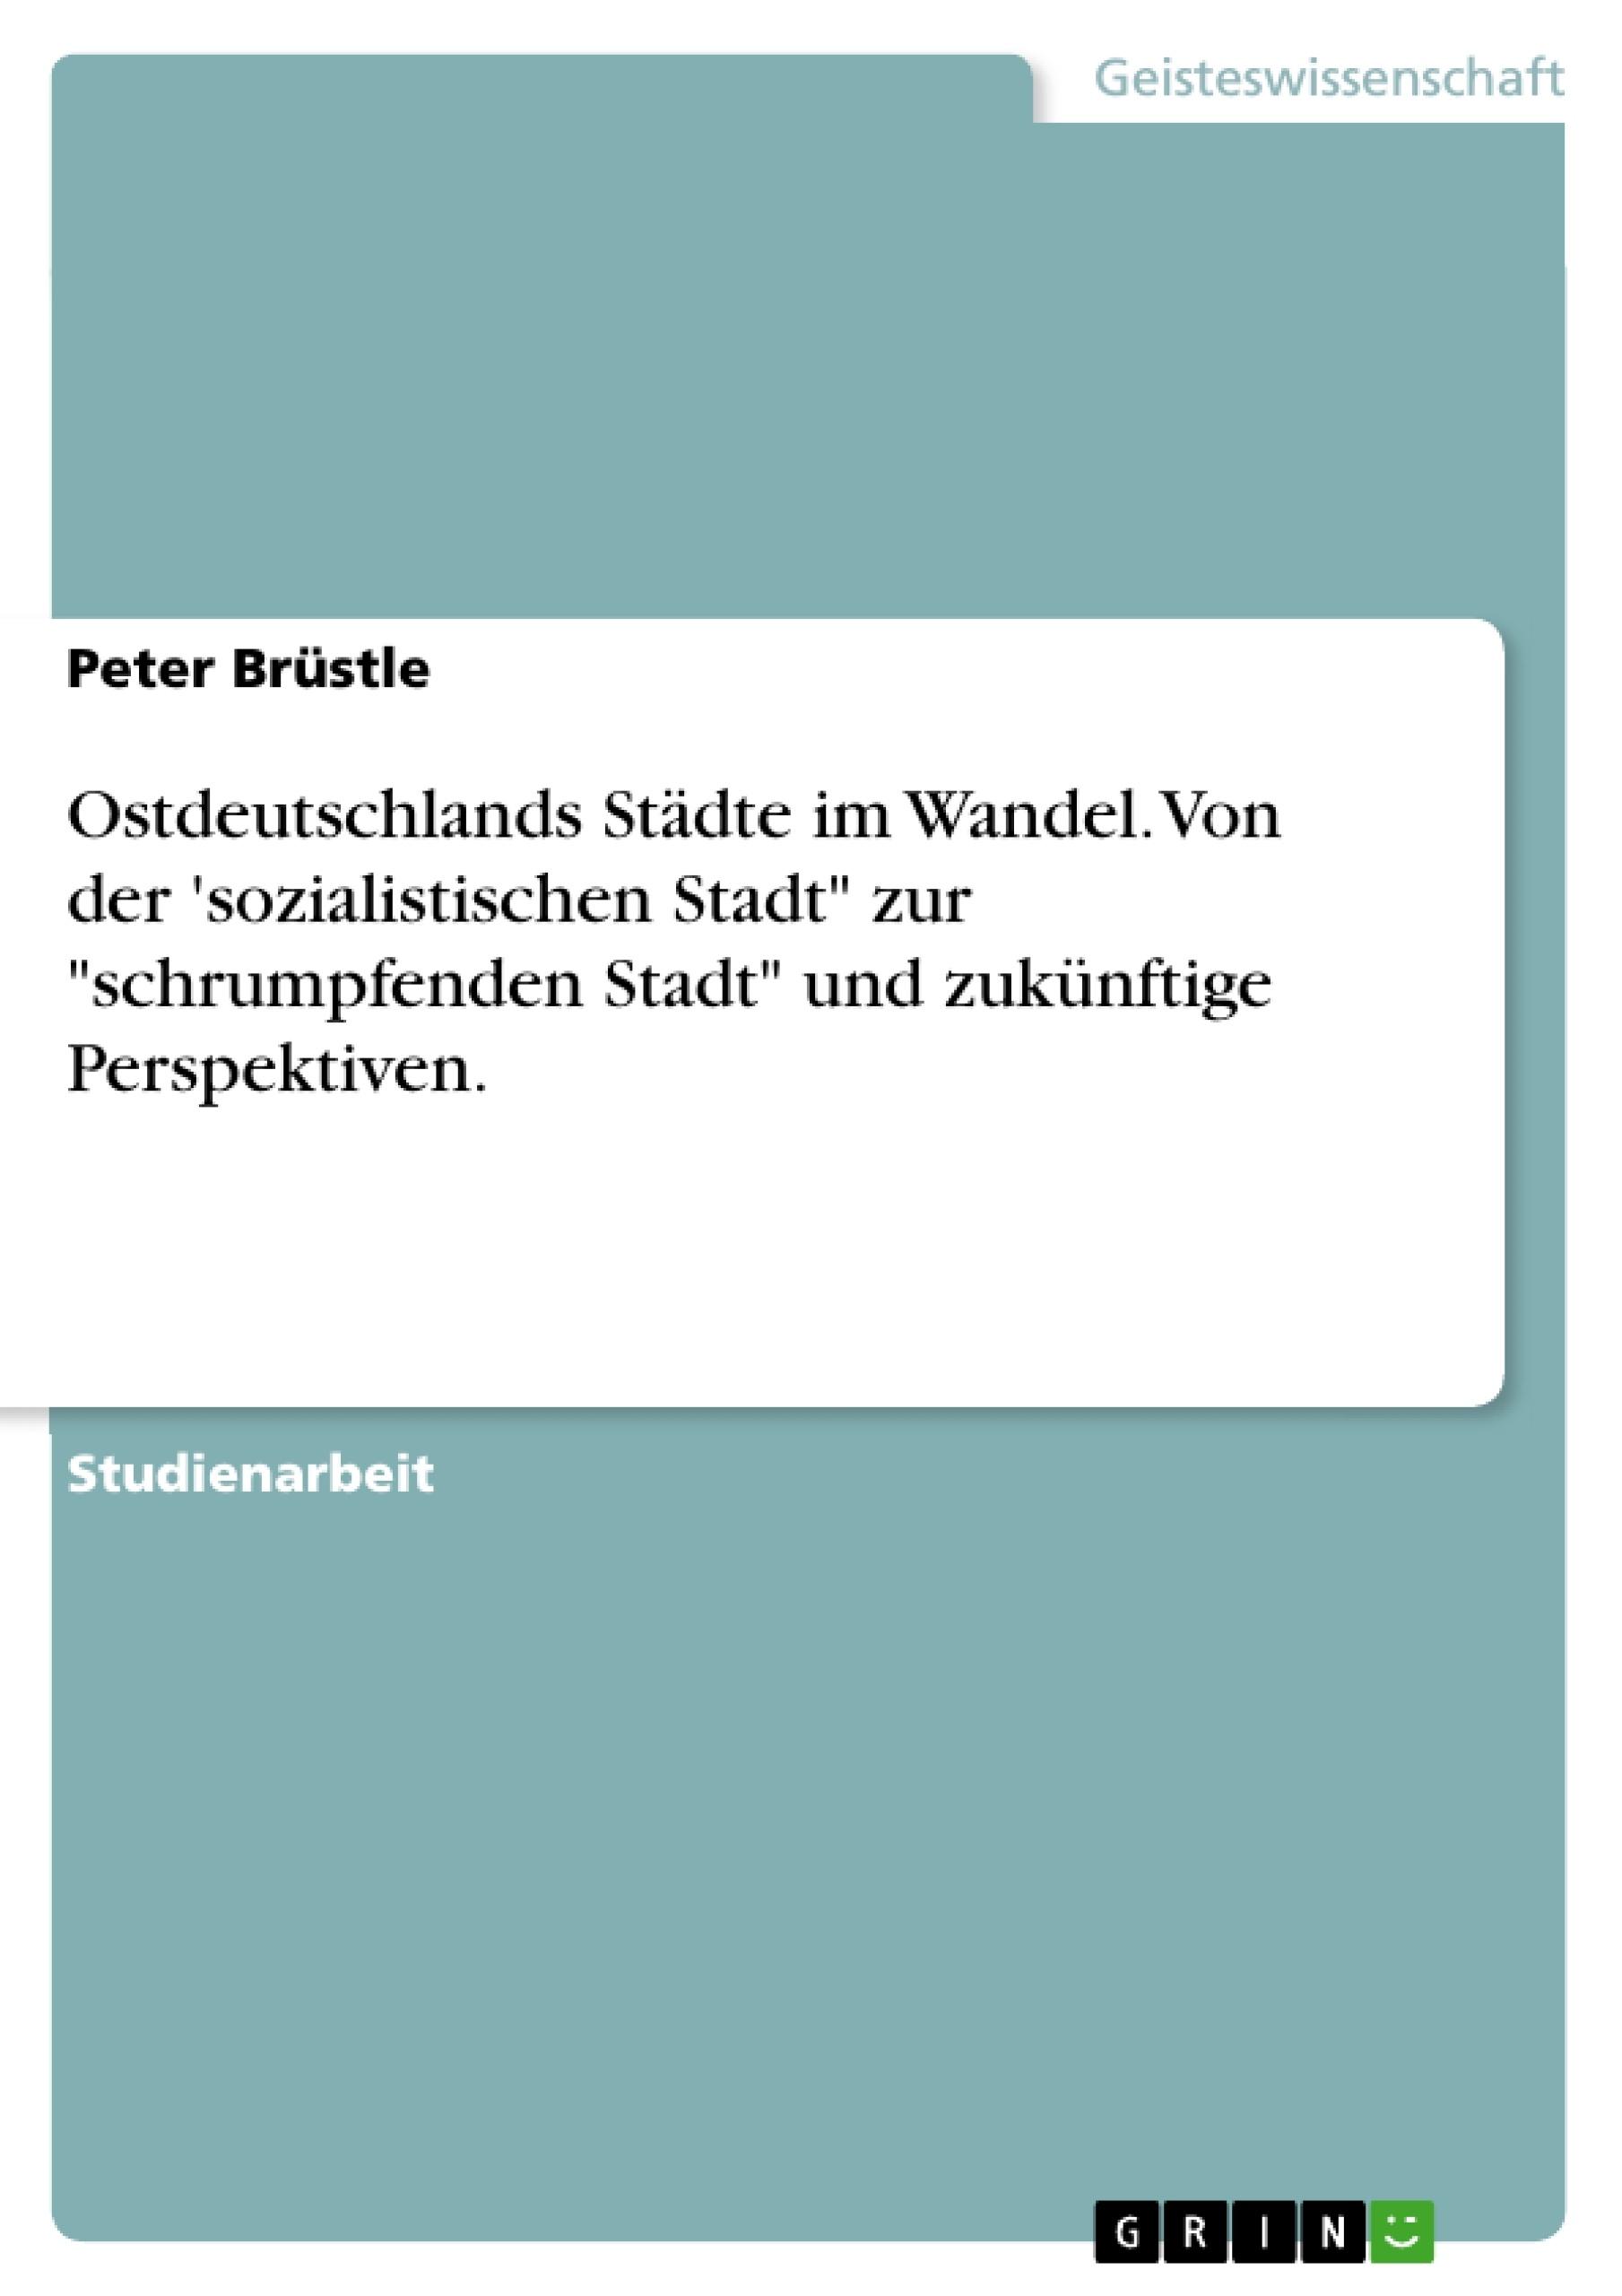 """Titel: Ostdeutschlands Städte im Wandel. Von der 'sozialistischen Stadt"""" zur """"schrumpfenden Stadt"""" und zukünftige Perspektiven."""